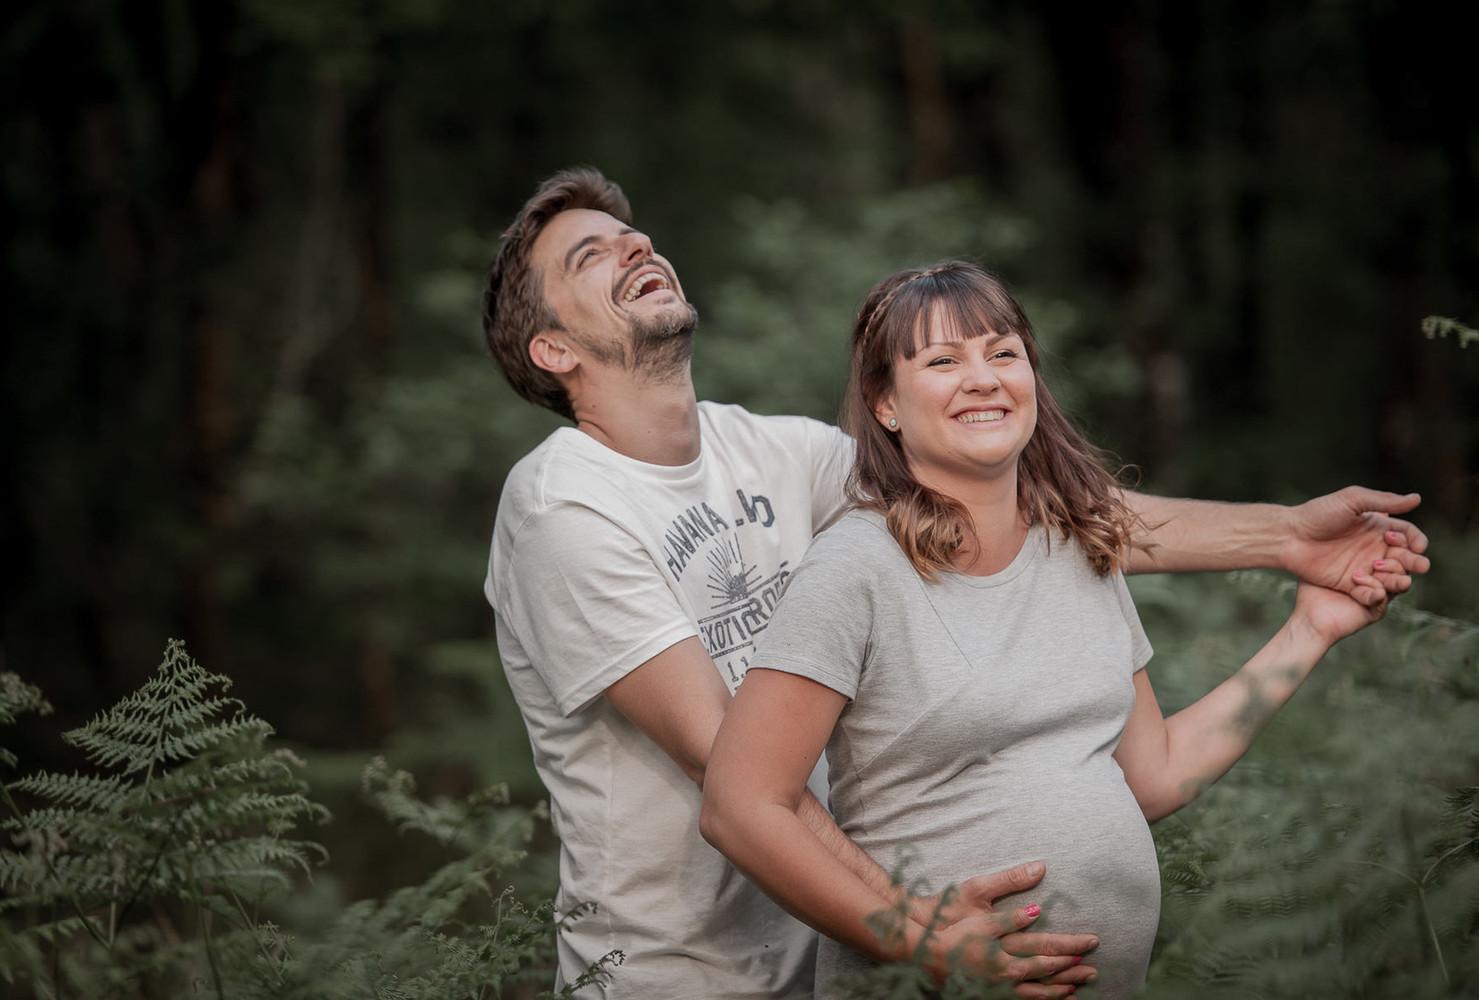 photographe Famille a Montreuil Juigné femme enceinte Angers Maine et Loire 49 France